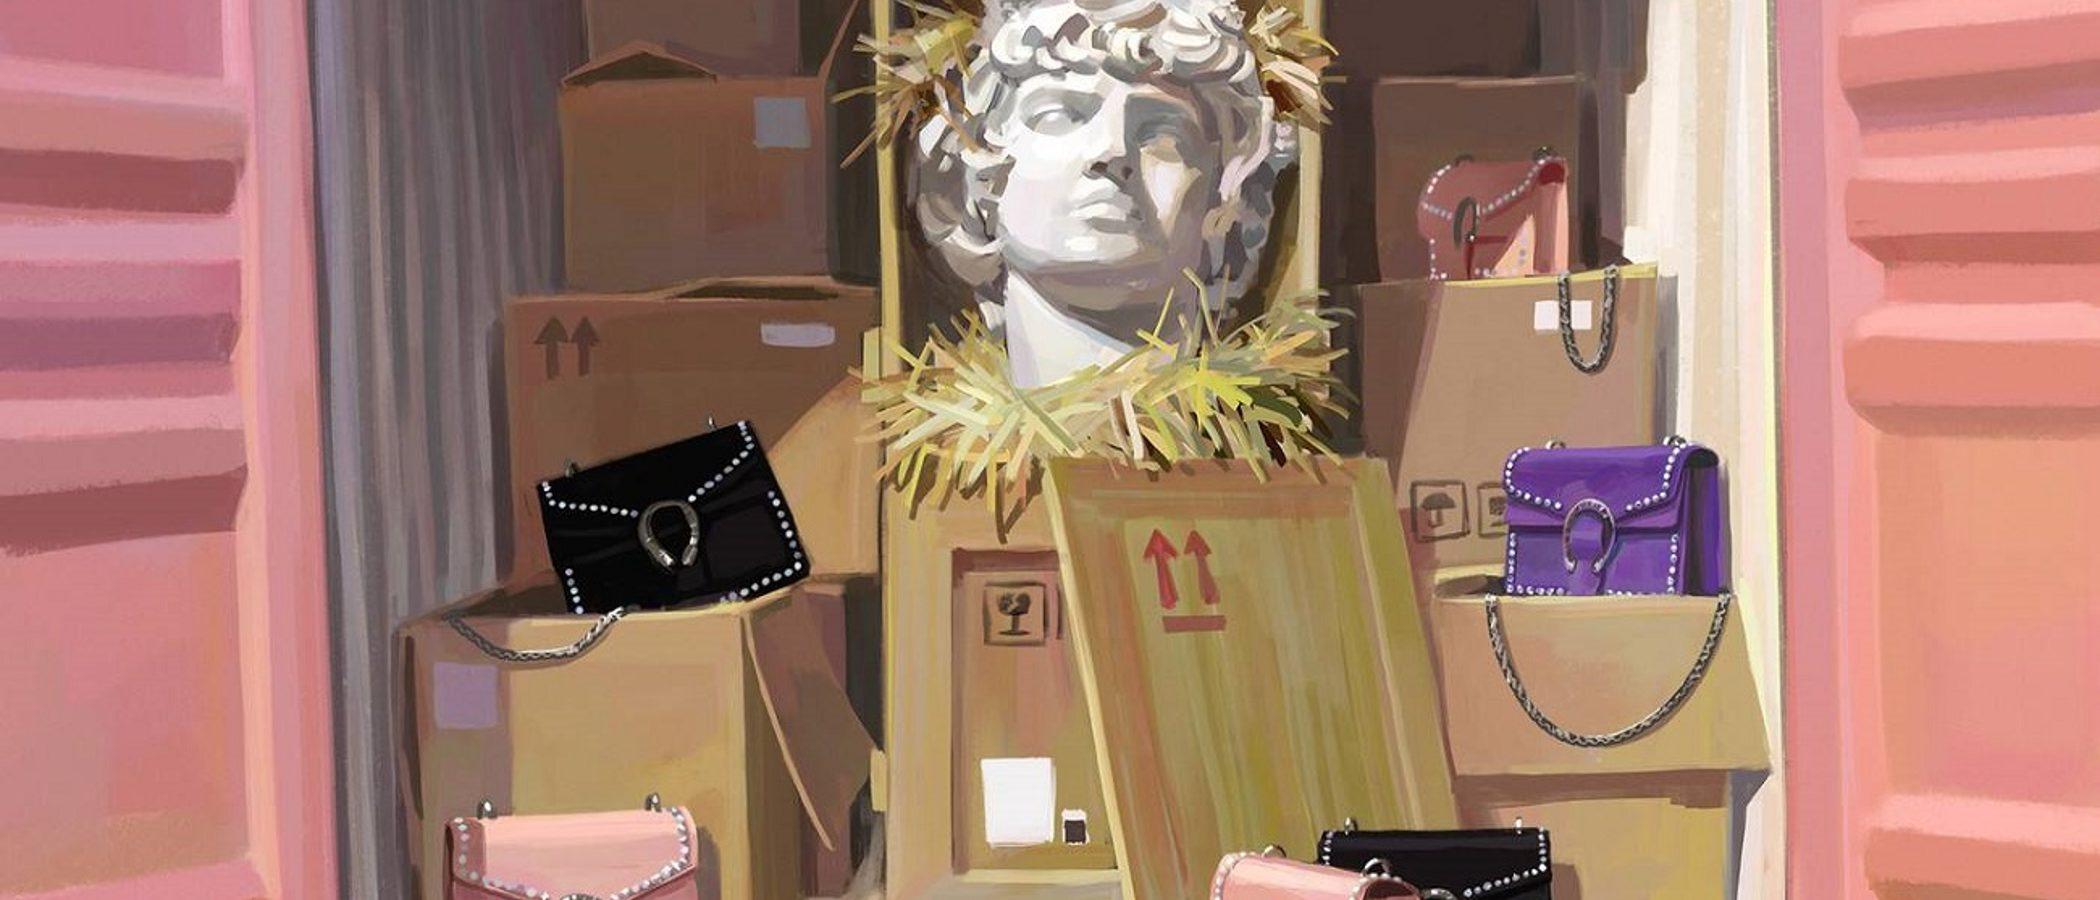 Gucci transforma su nueva campaña 'Gift Giving' en una obra de arte